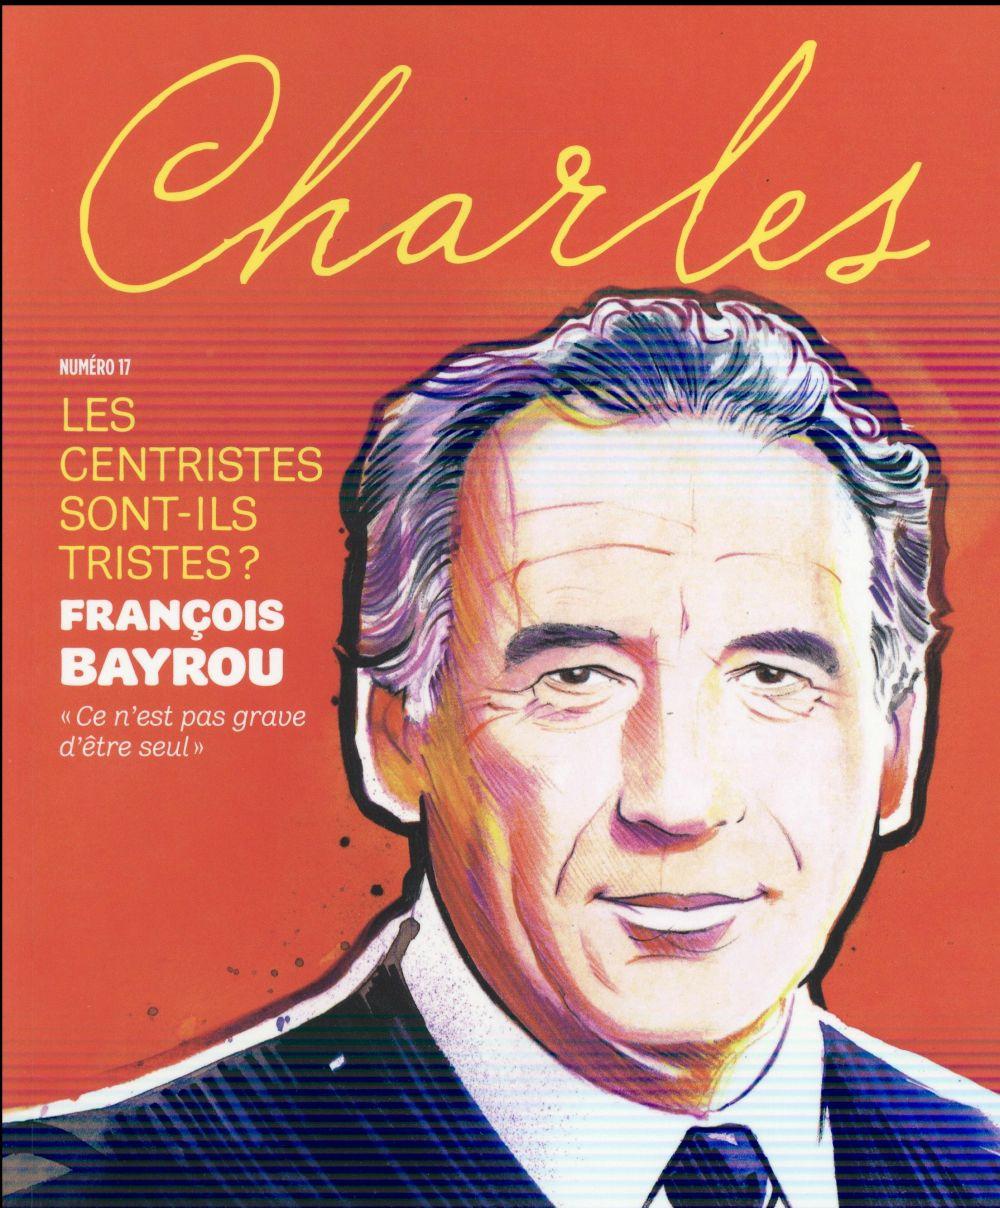 REVUE CHARLES N  17 - LES CENTRISTES SONT-ILS TRISTES ?